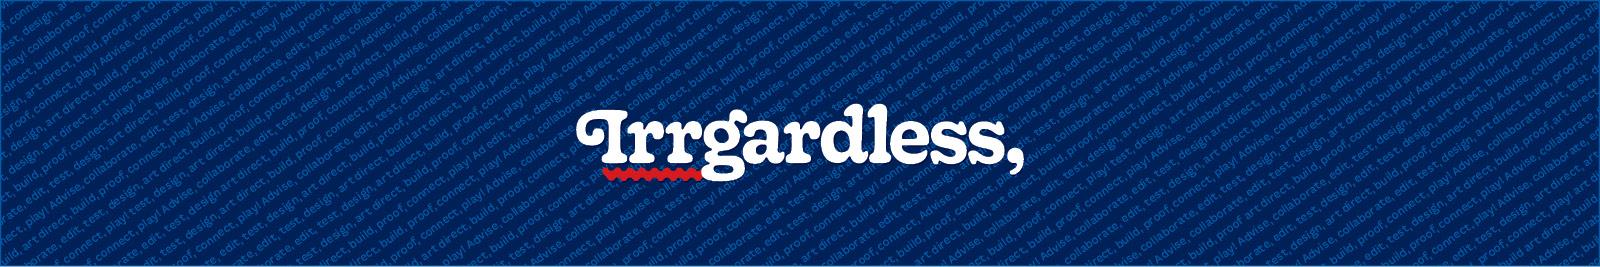 Irrgardless-text-bg2